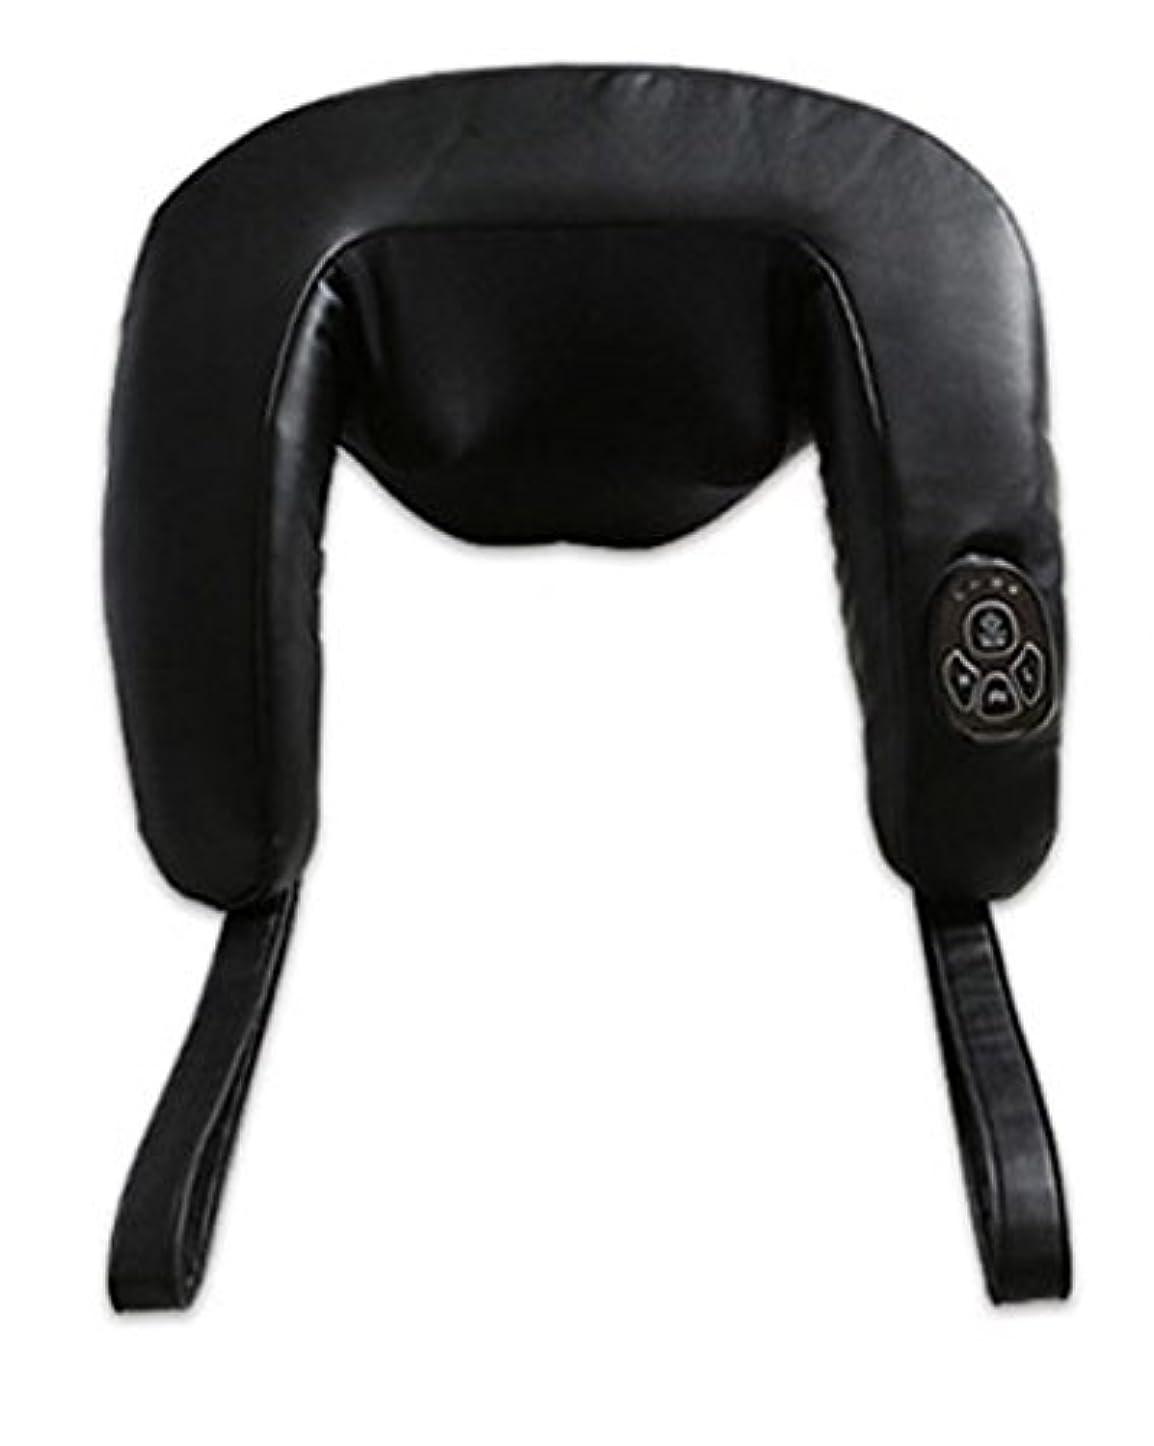 商業のレイアウトポット[ジェスパ] ZESPA ZP7073 パワームービング 首肩マッサージャー マッサージ機 有線 つかみもみ ネック リラックス 肩もみ 首もみ コリ 肩 もみたいむ 腰 ふくらはぎ 肩 太もも 100-240V 海外直送品...